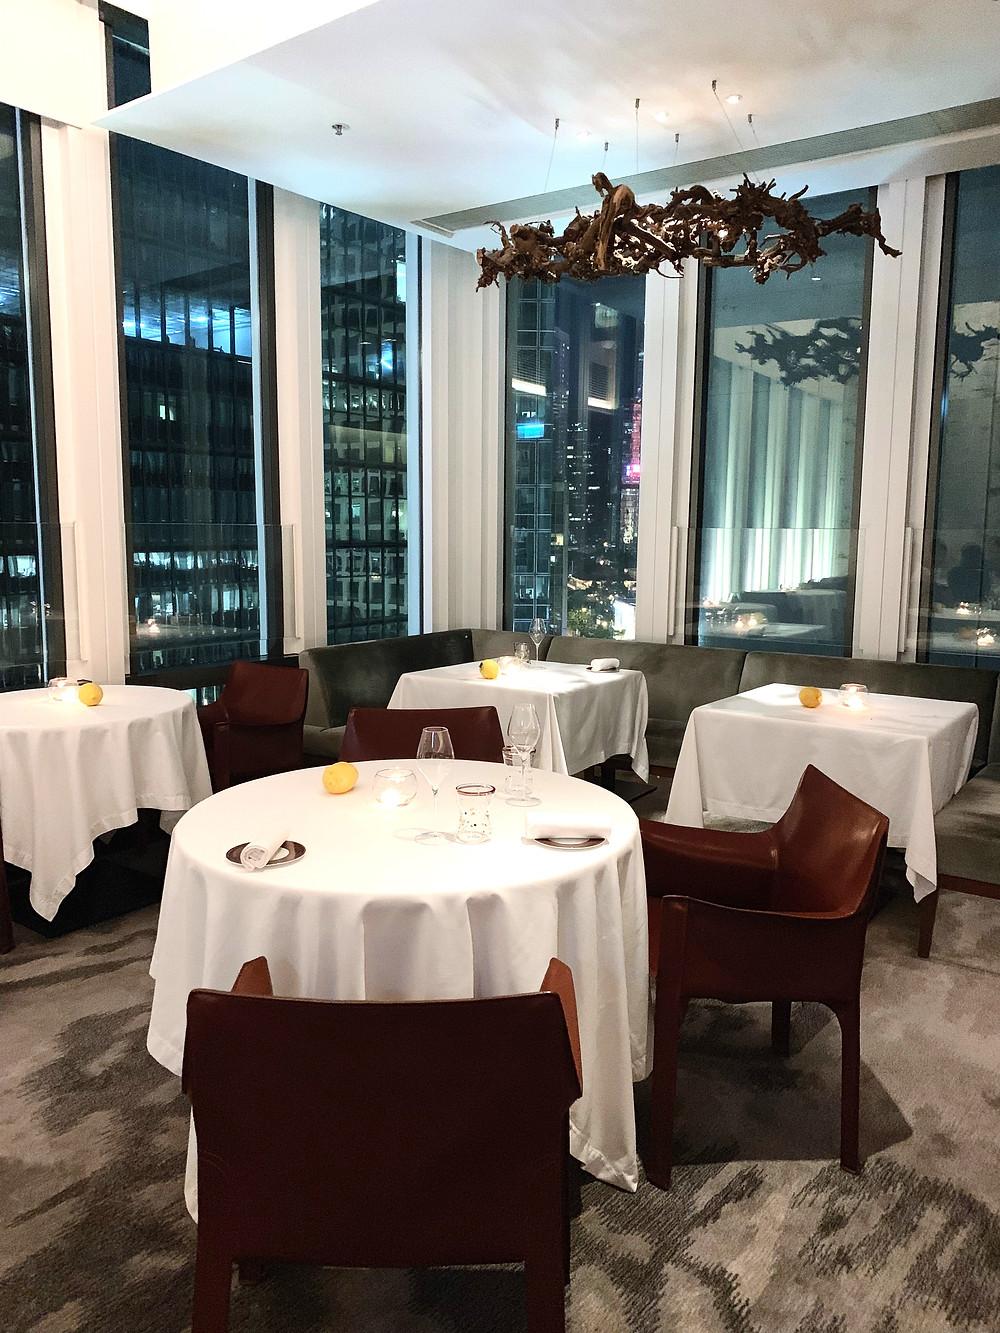 Interiors at Octavium Italian restaurant in Hong Kong